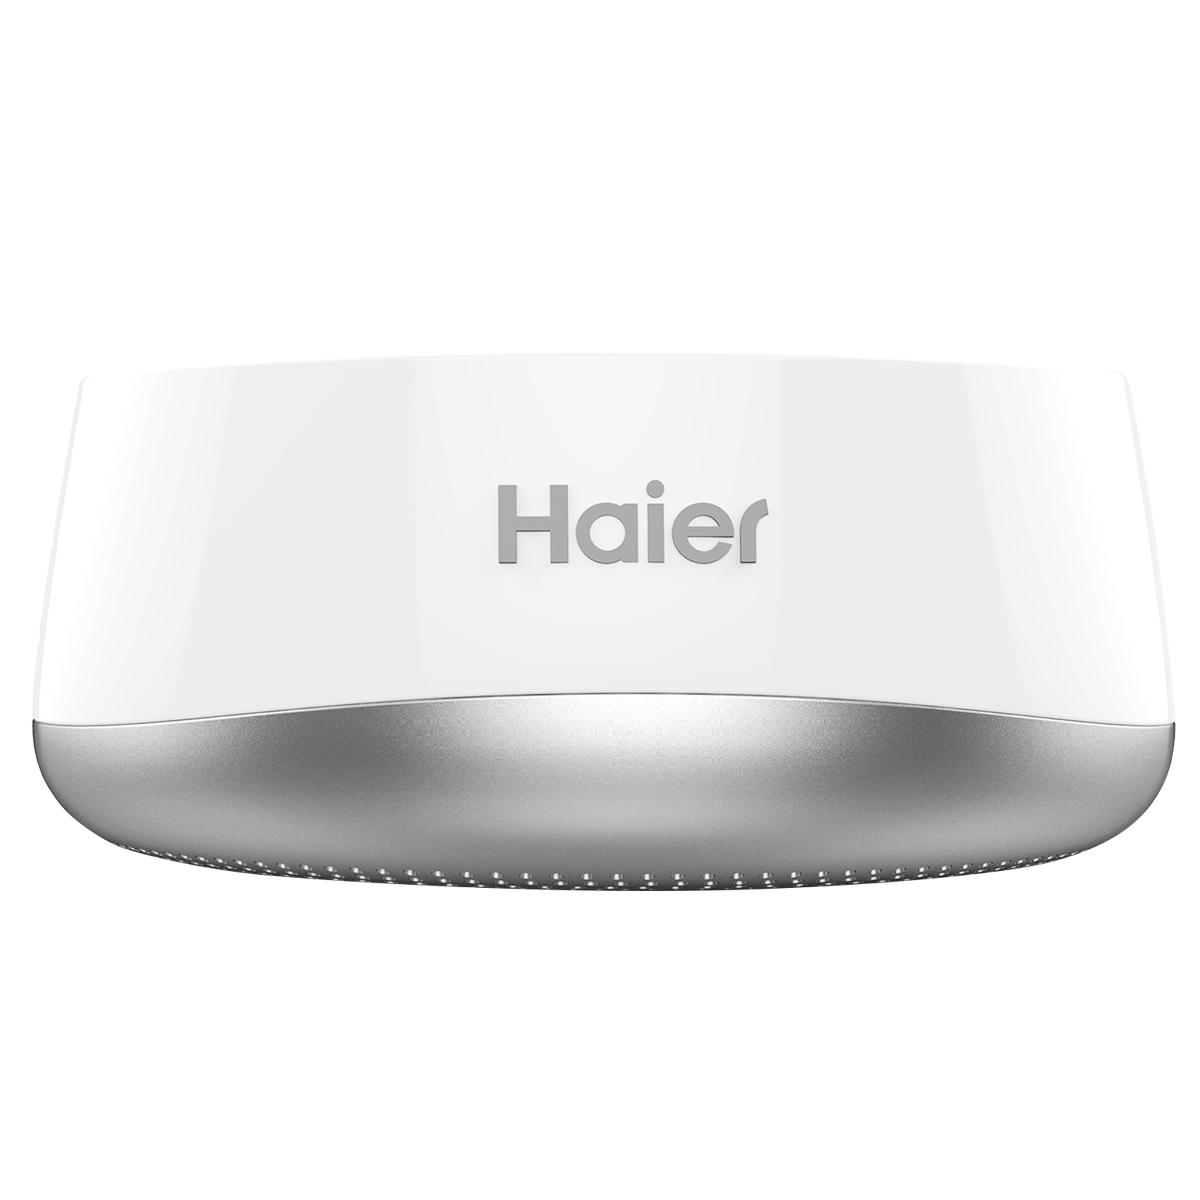 Haier/海尔             便携/无线音箱             HSPK-A10U1